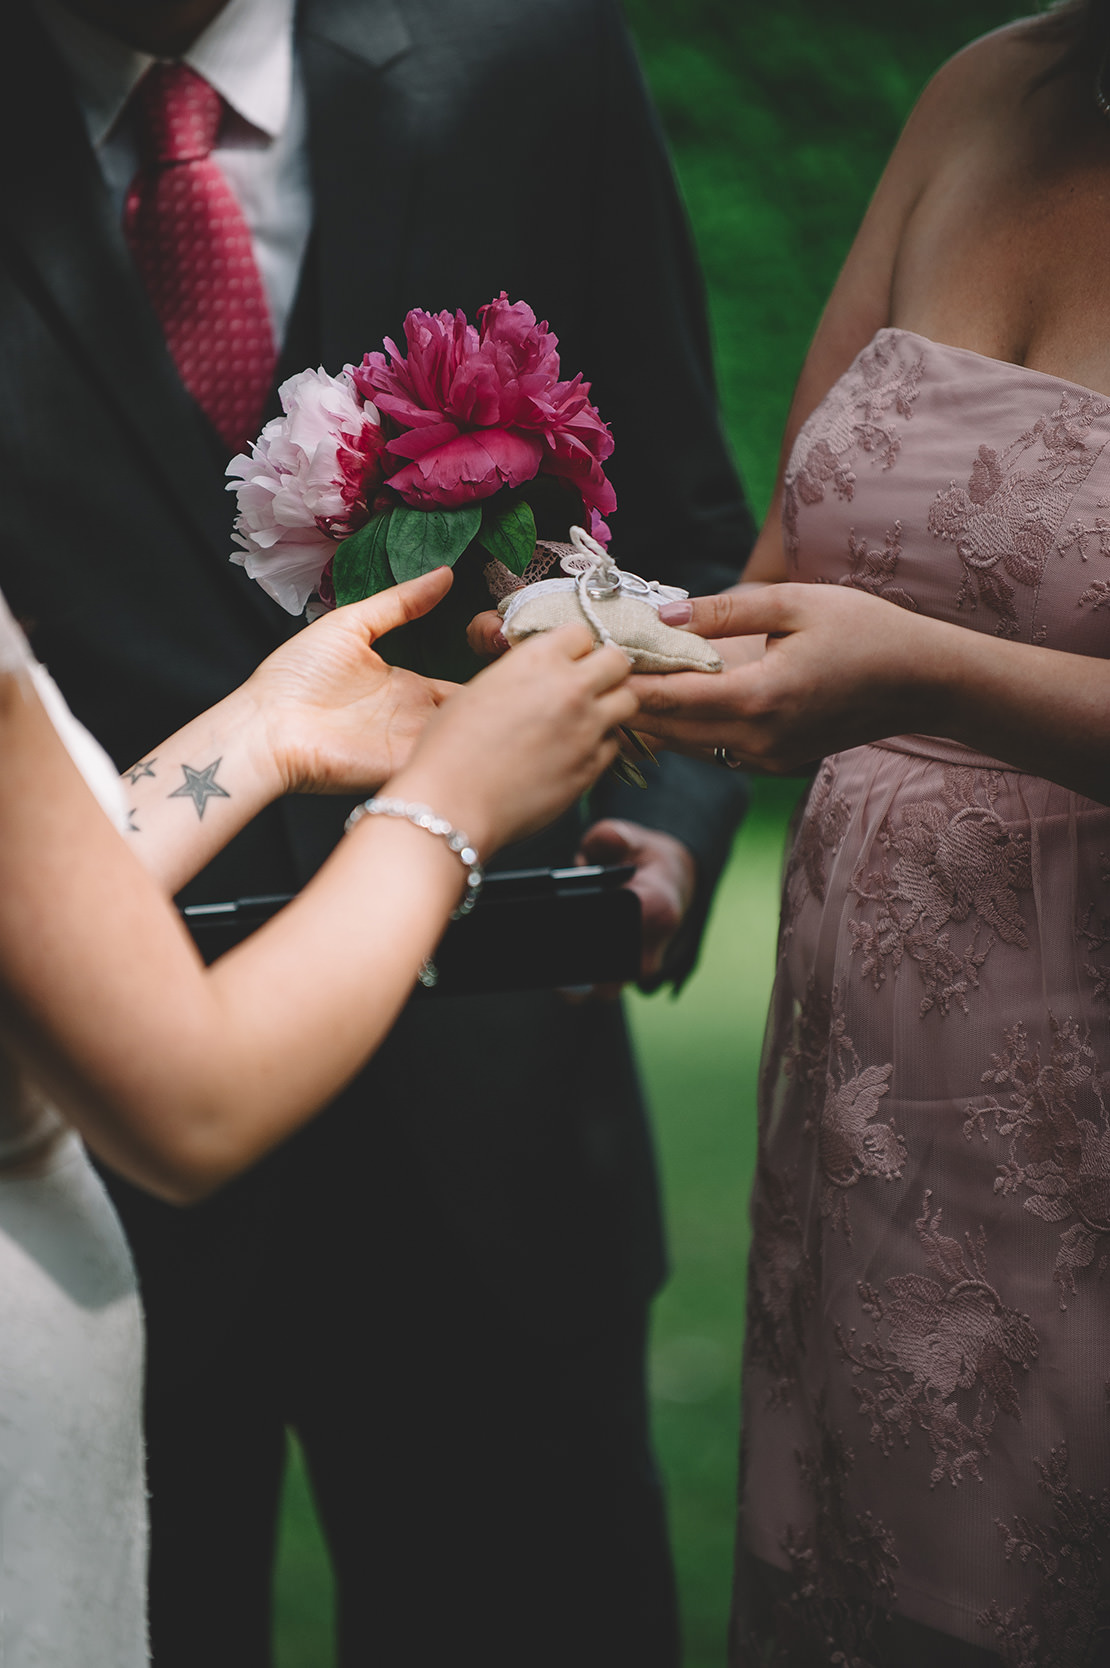 romantique-mariage-silvia&thomas-monika-breitenmoser-photographe-mariage-nyon (116)